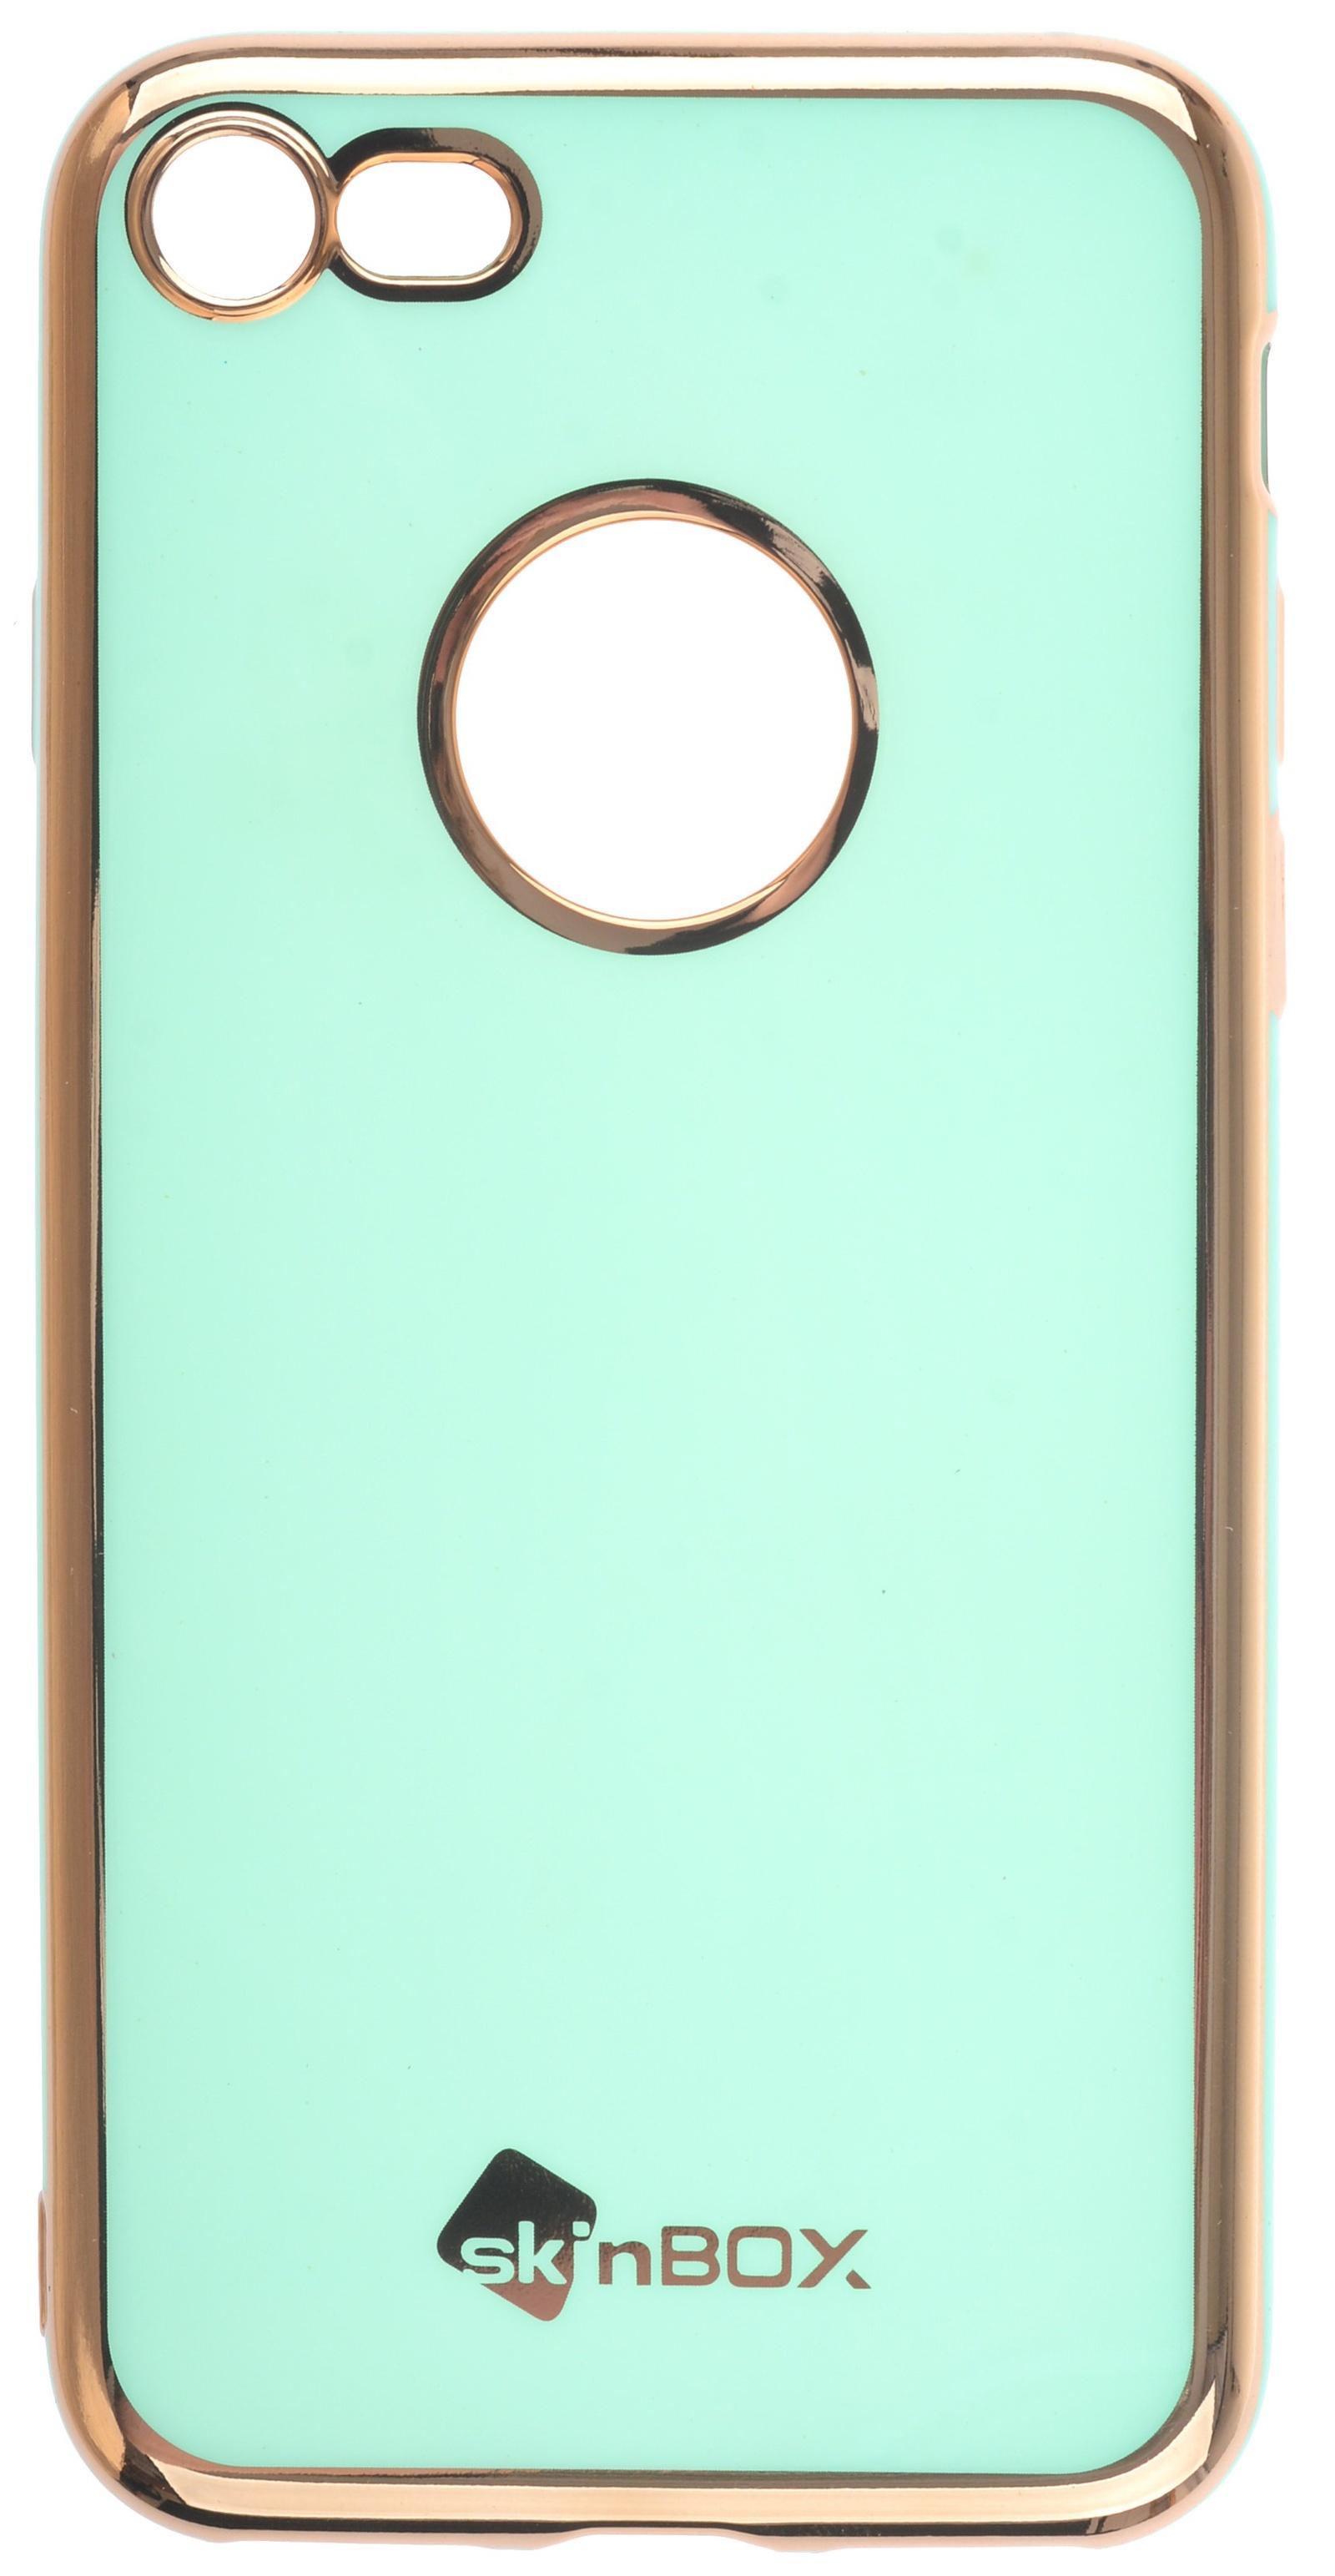 Чехол для сотового телефона skinBOX slim silicone color, 4660041408799, бирюзовый